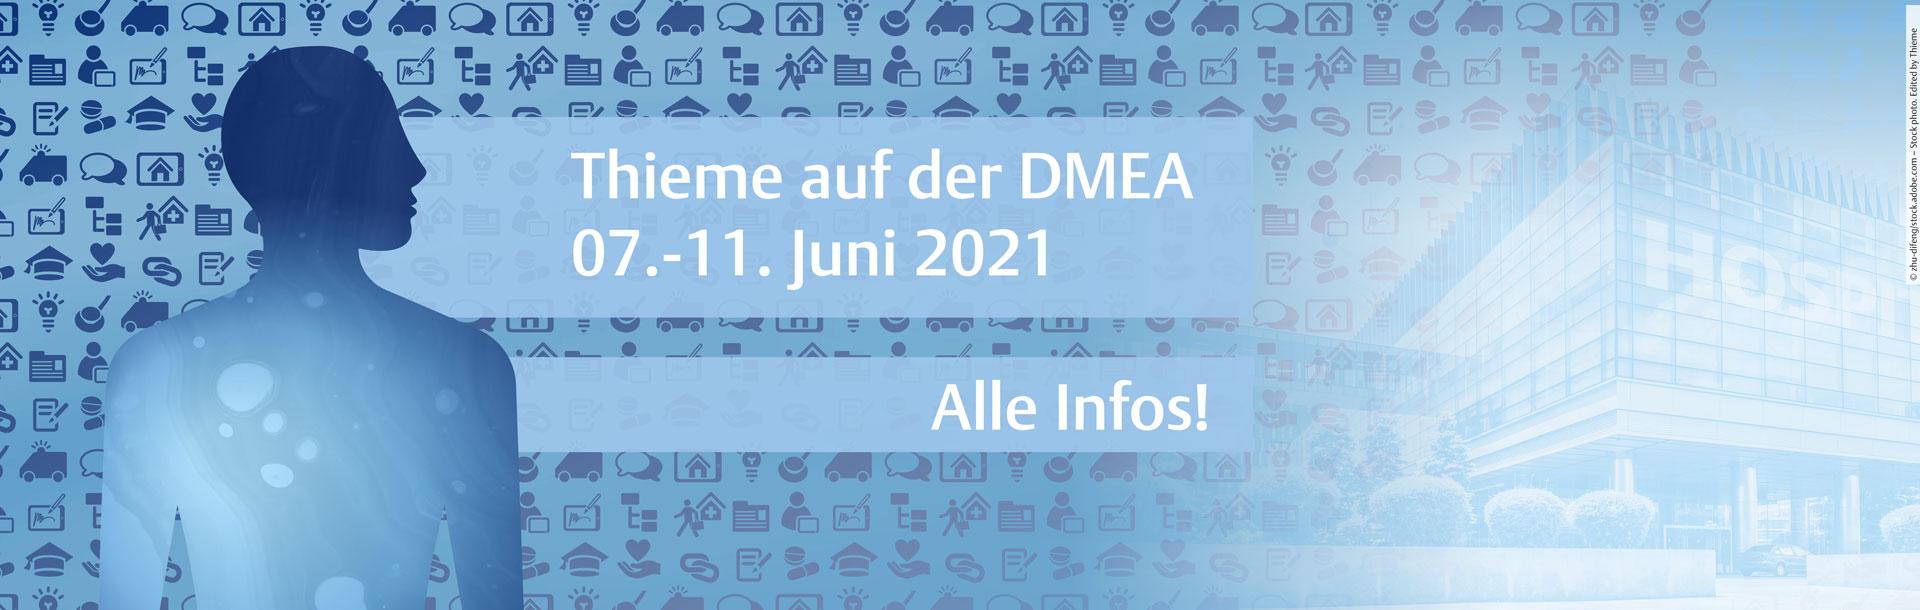 Slider DMEA